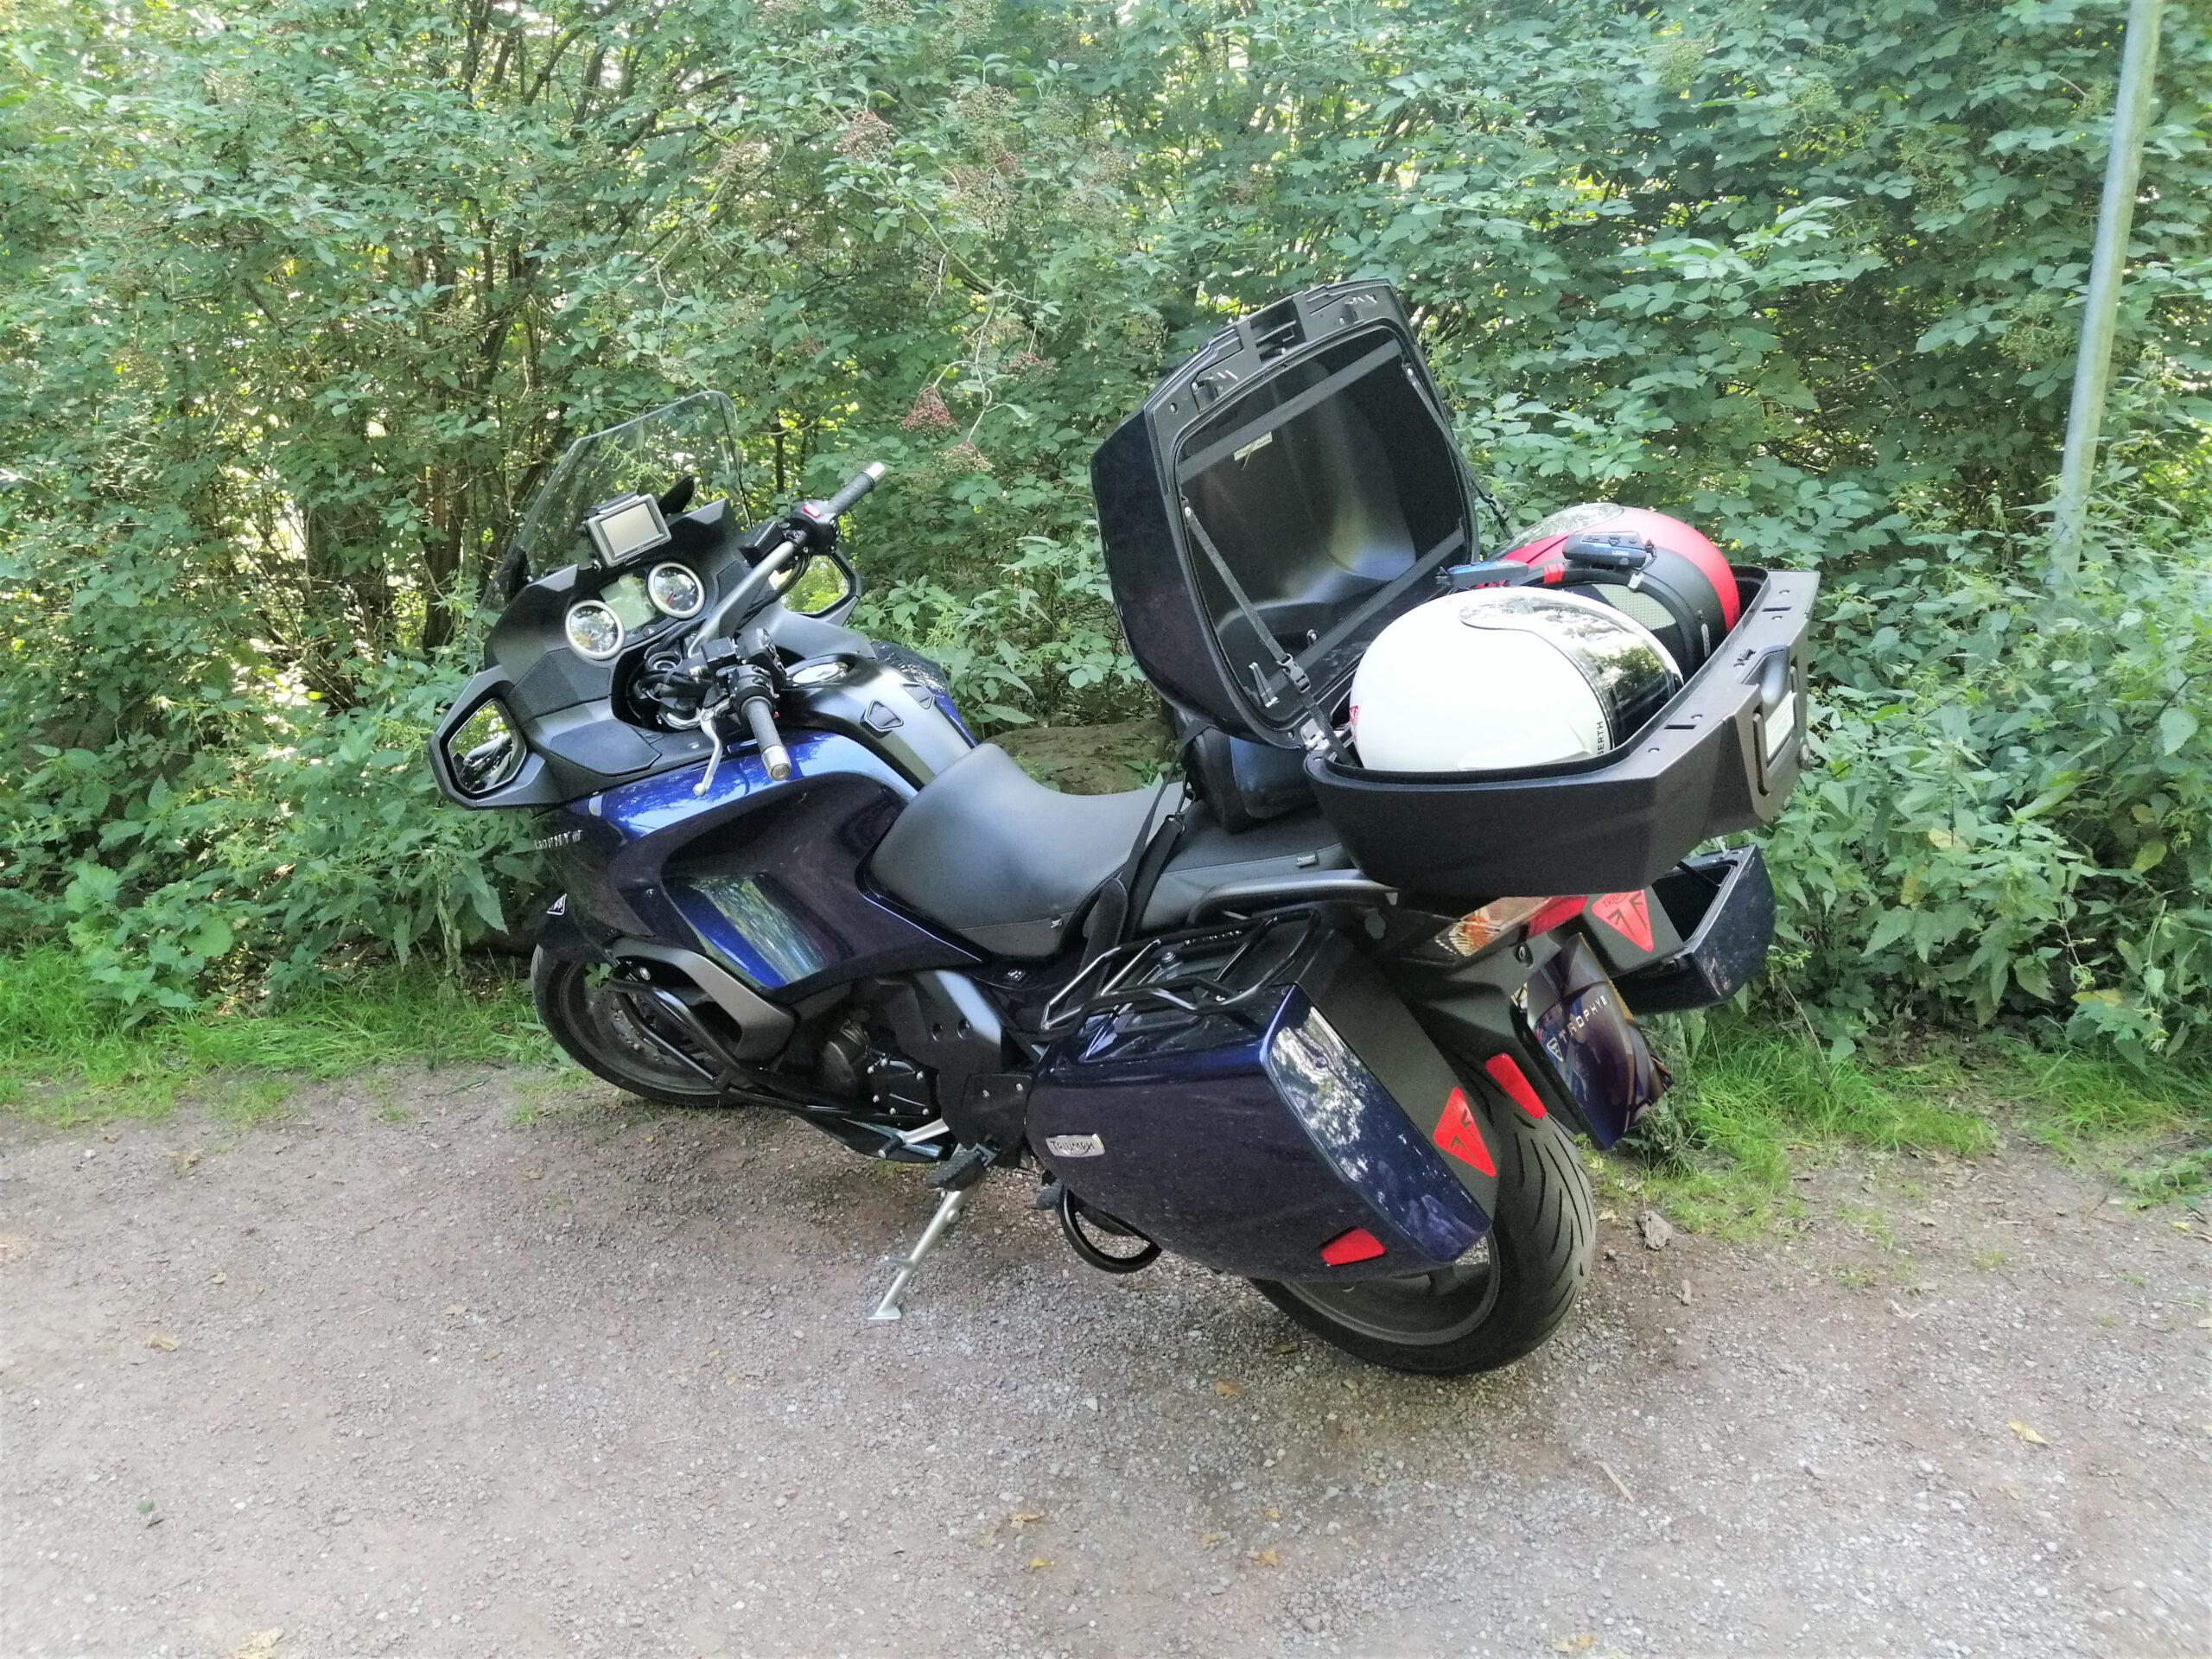 Ein Riesenvorteil: Auf Tour kann man Helme , Handschuhe, Jacken etc. einfach im Motorrad einschließen. Speziell bei hohen Temperaturen ein echtes Plus!